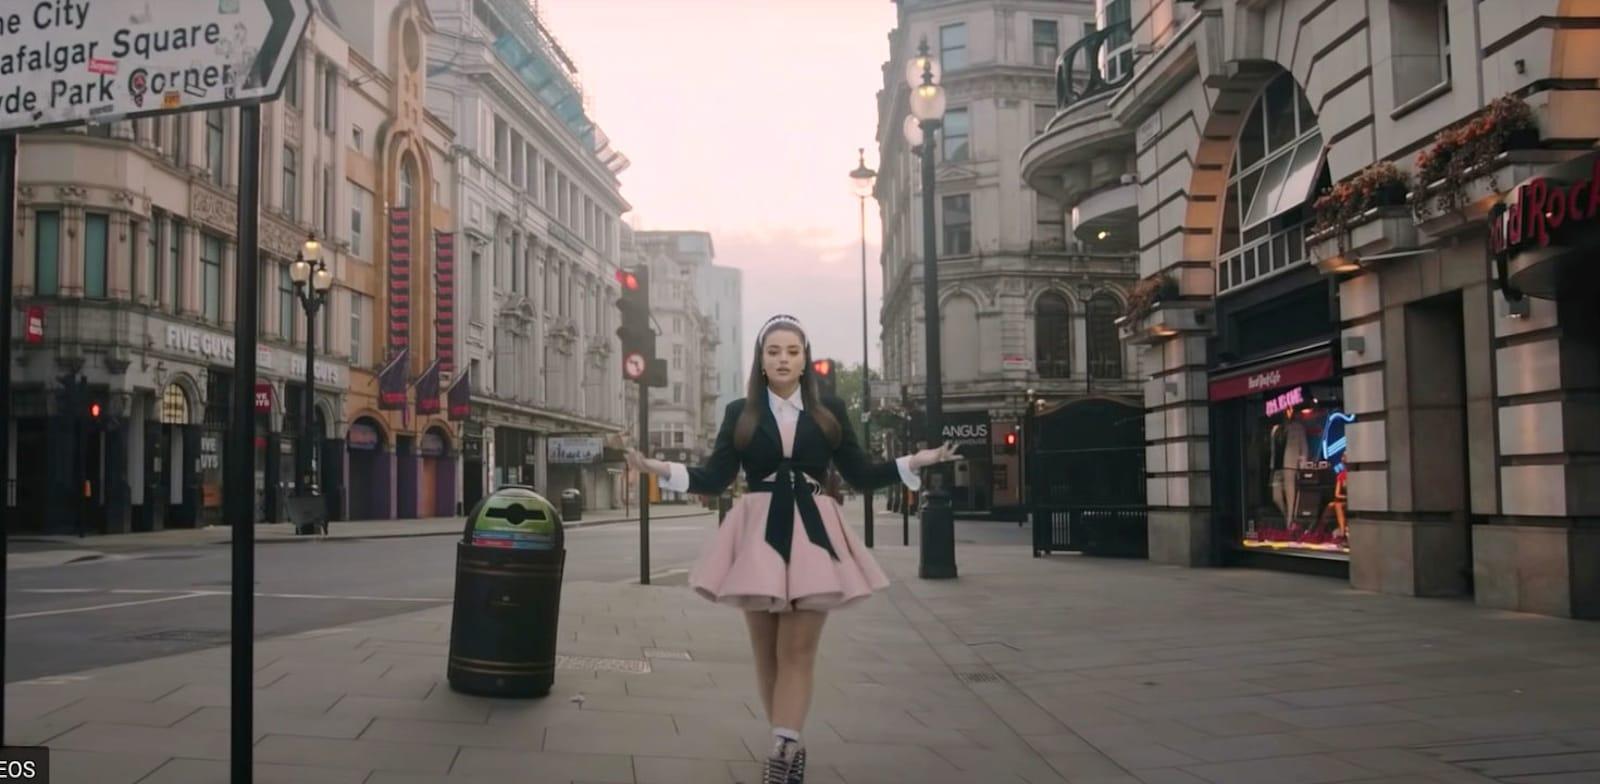 נועה קירל בפרסומת ל־yes+ / צילום: צילום מסך